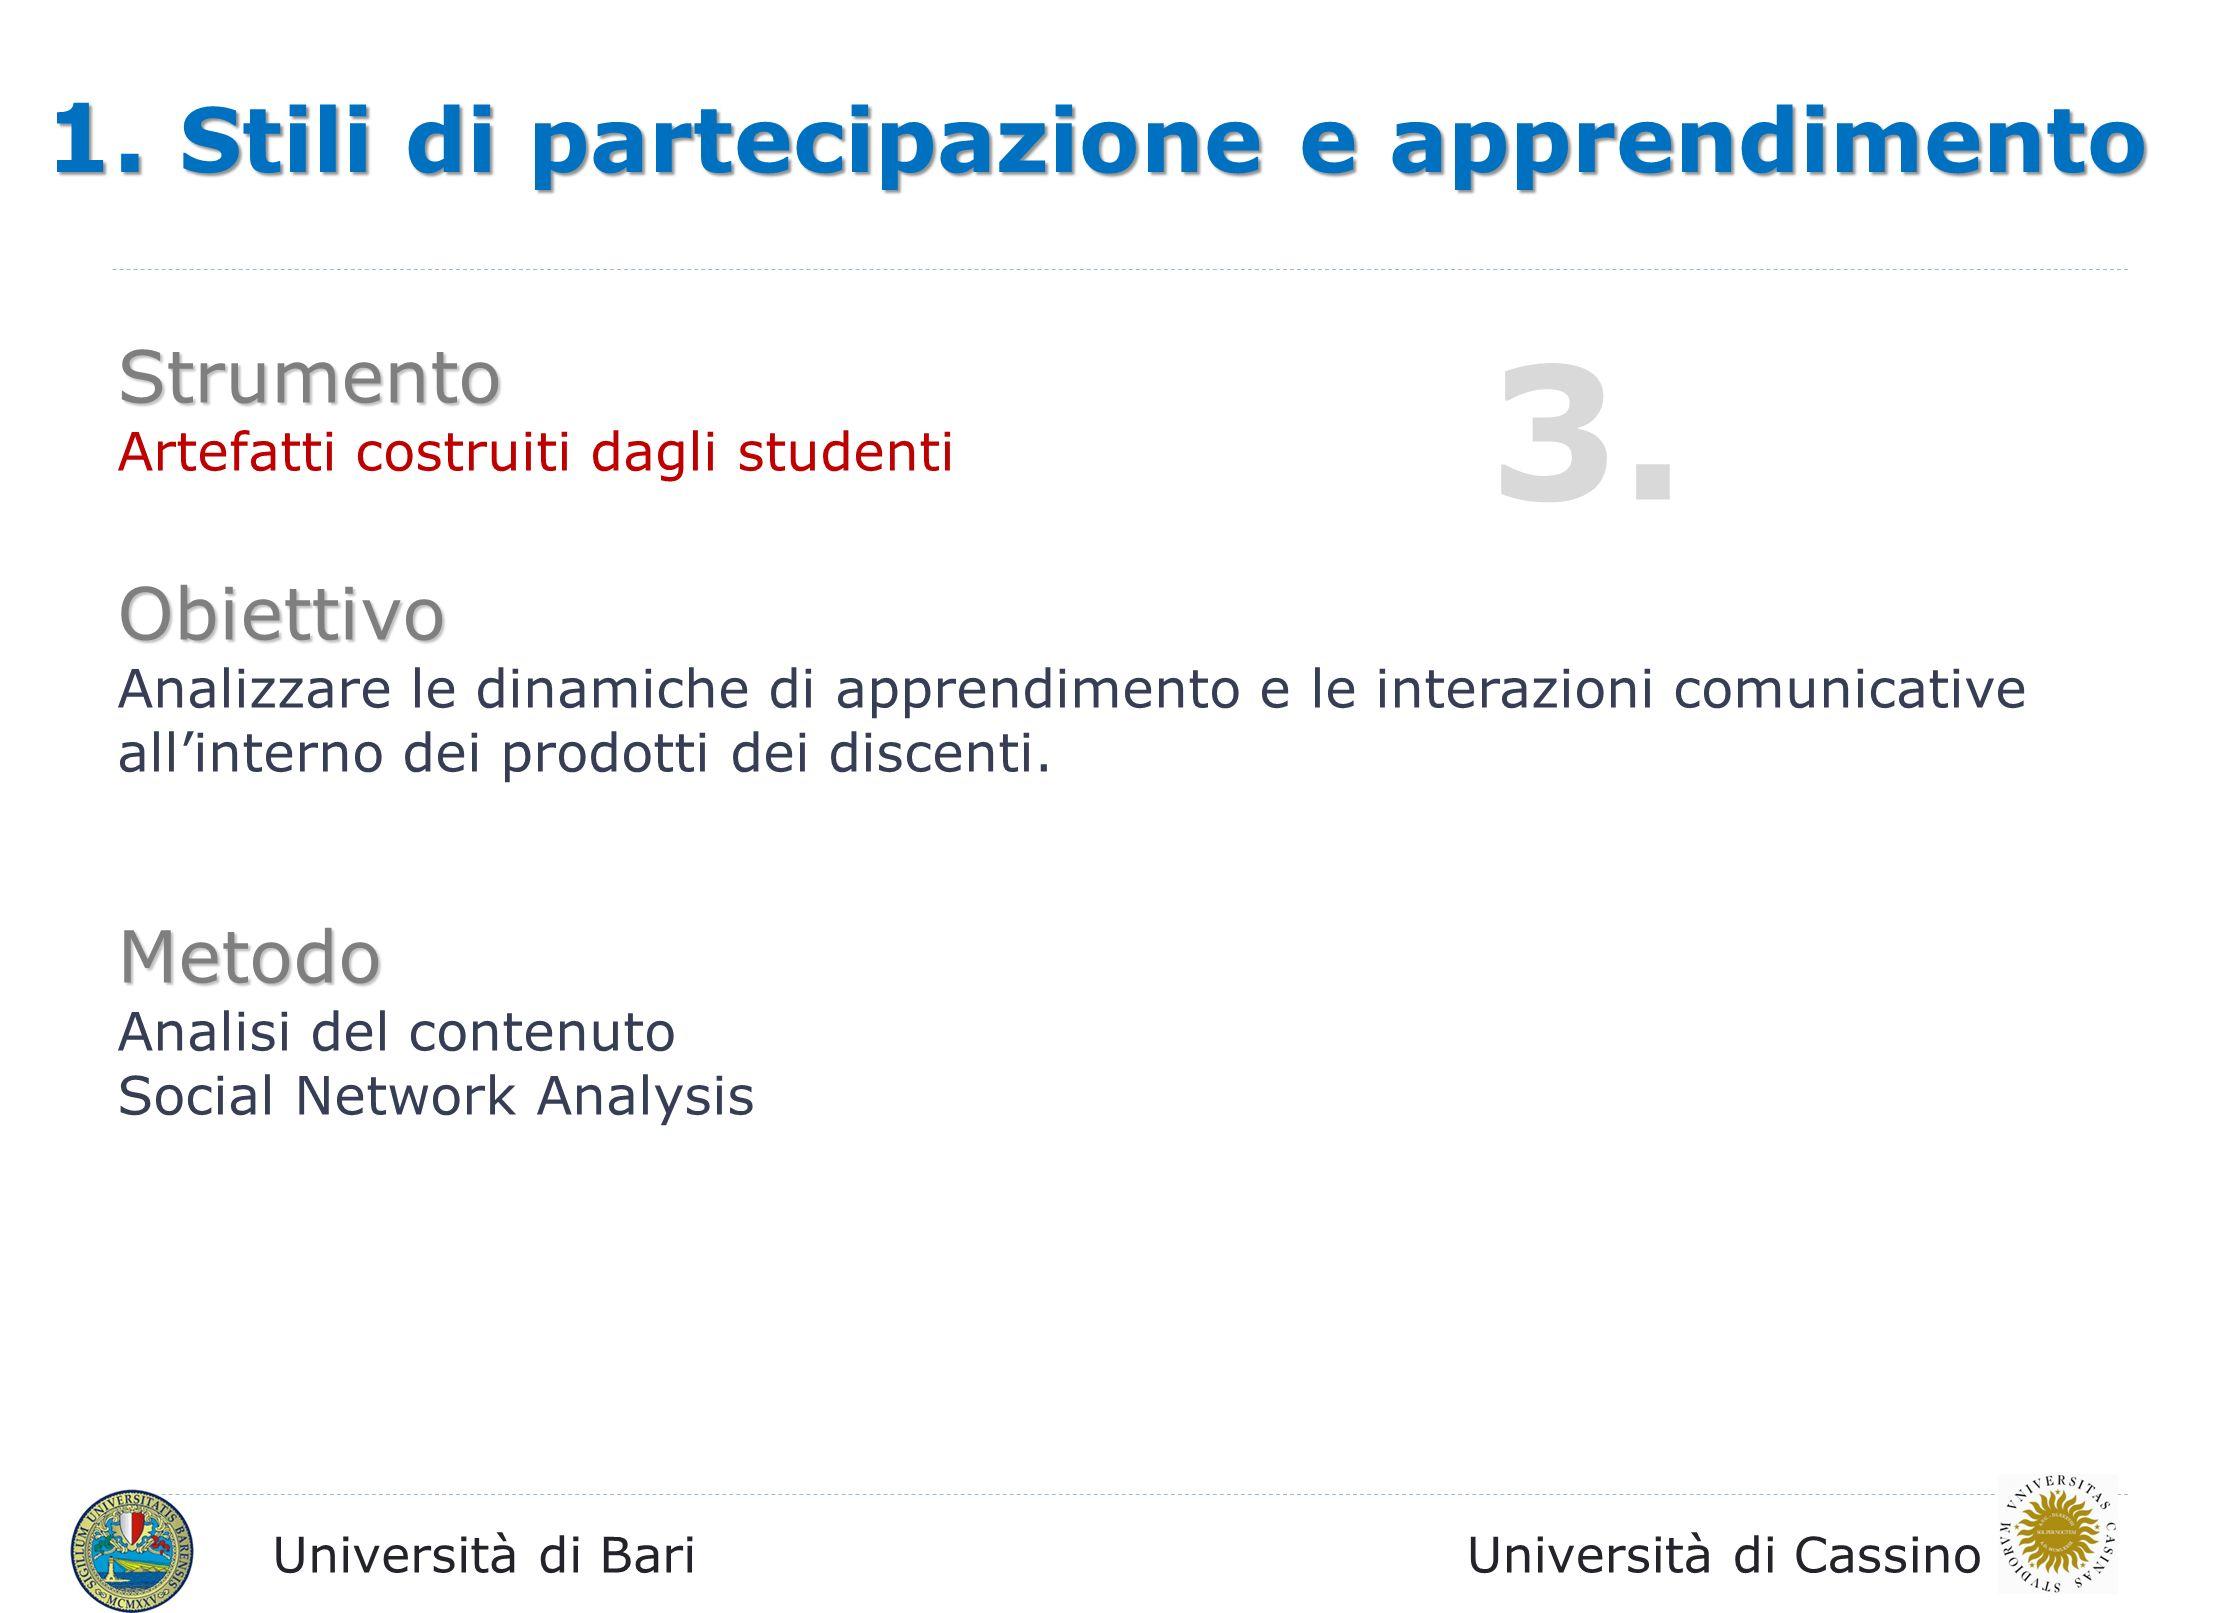 3. 1. Stili di partecipazione e apprendimento Strumento Obiettivo